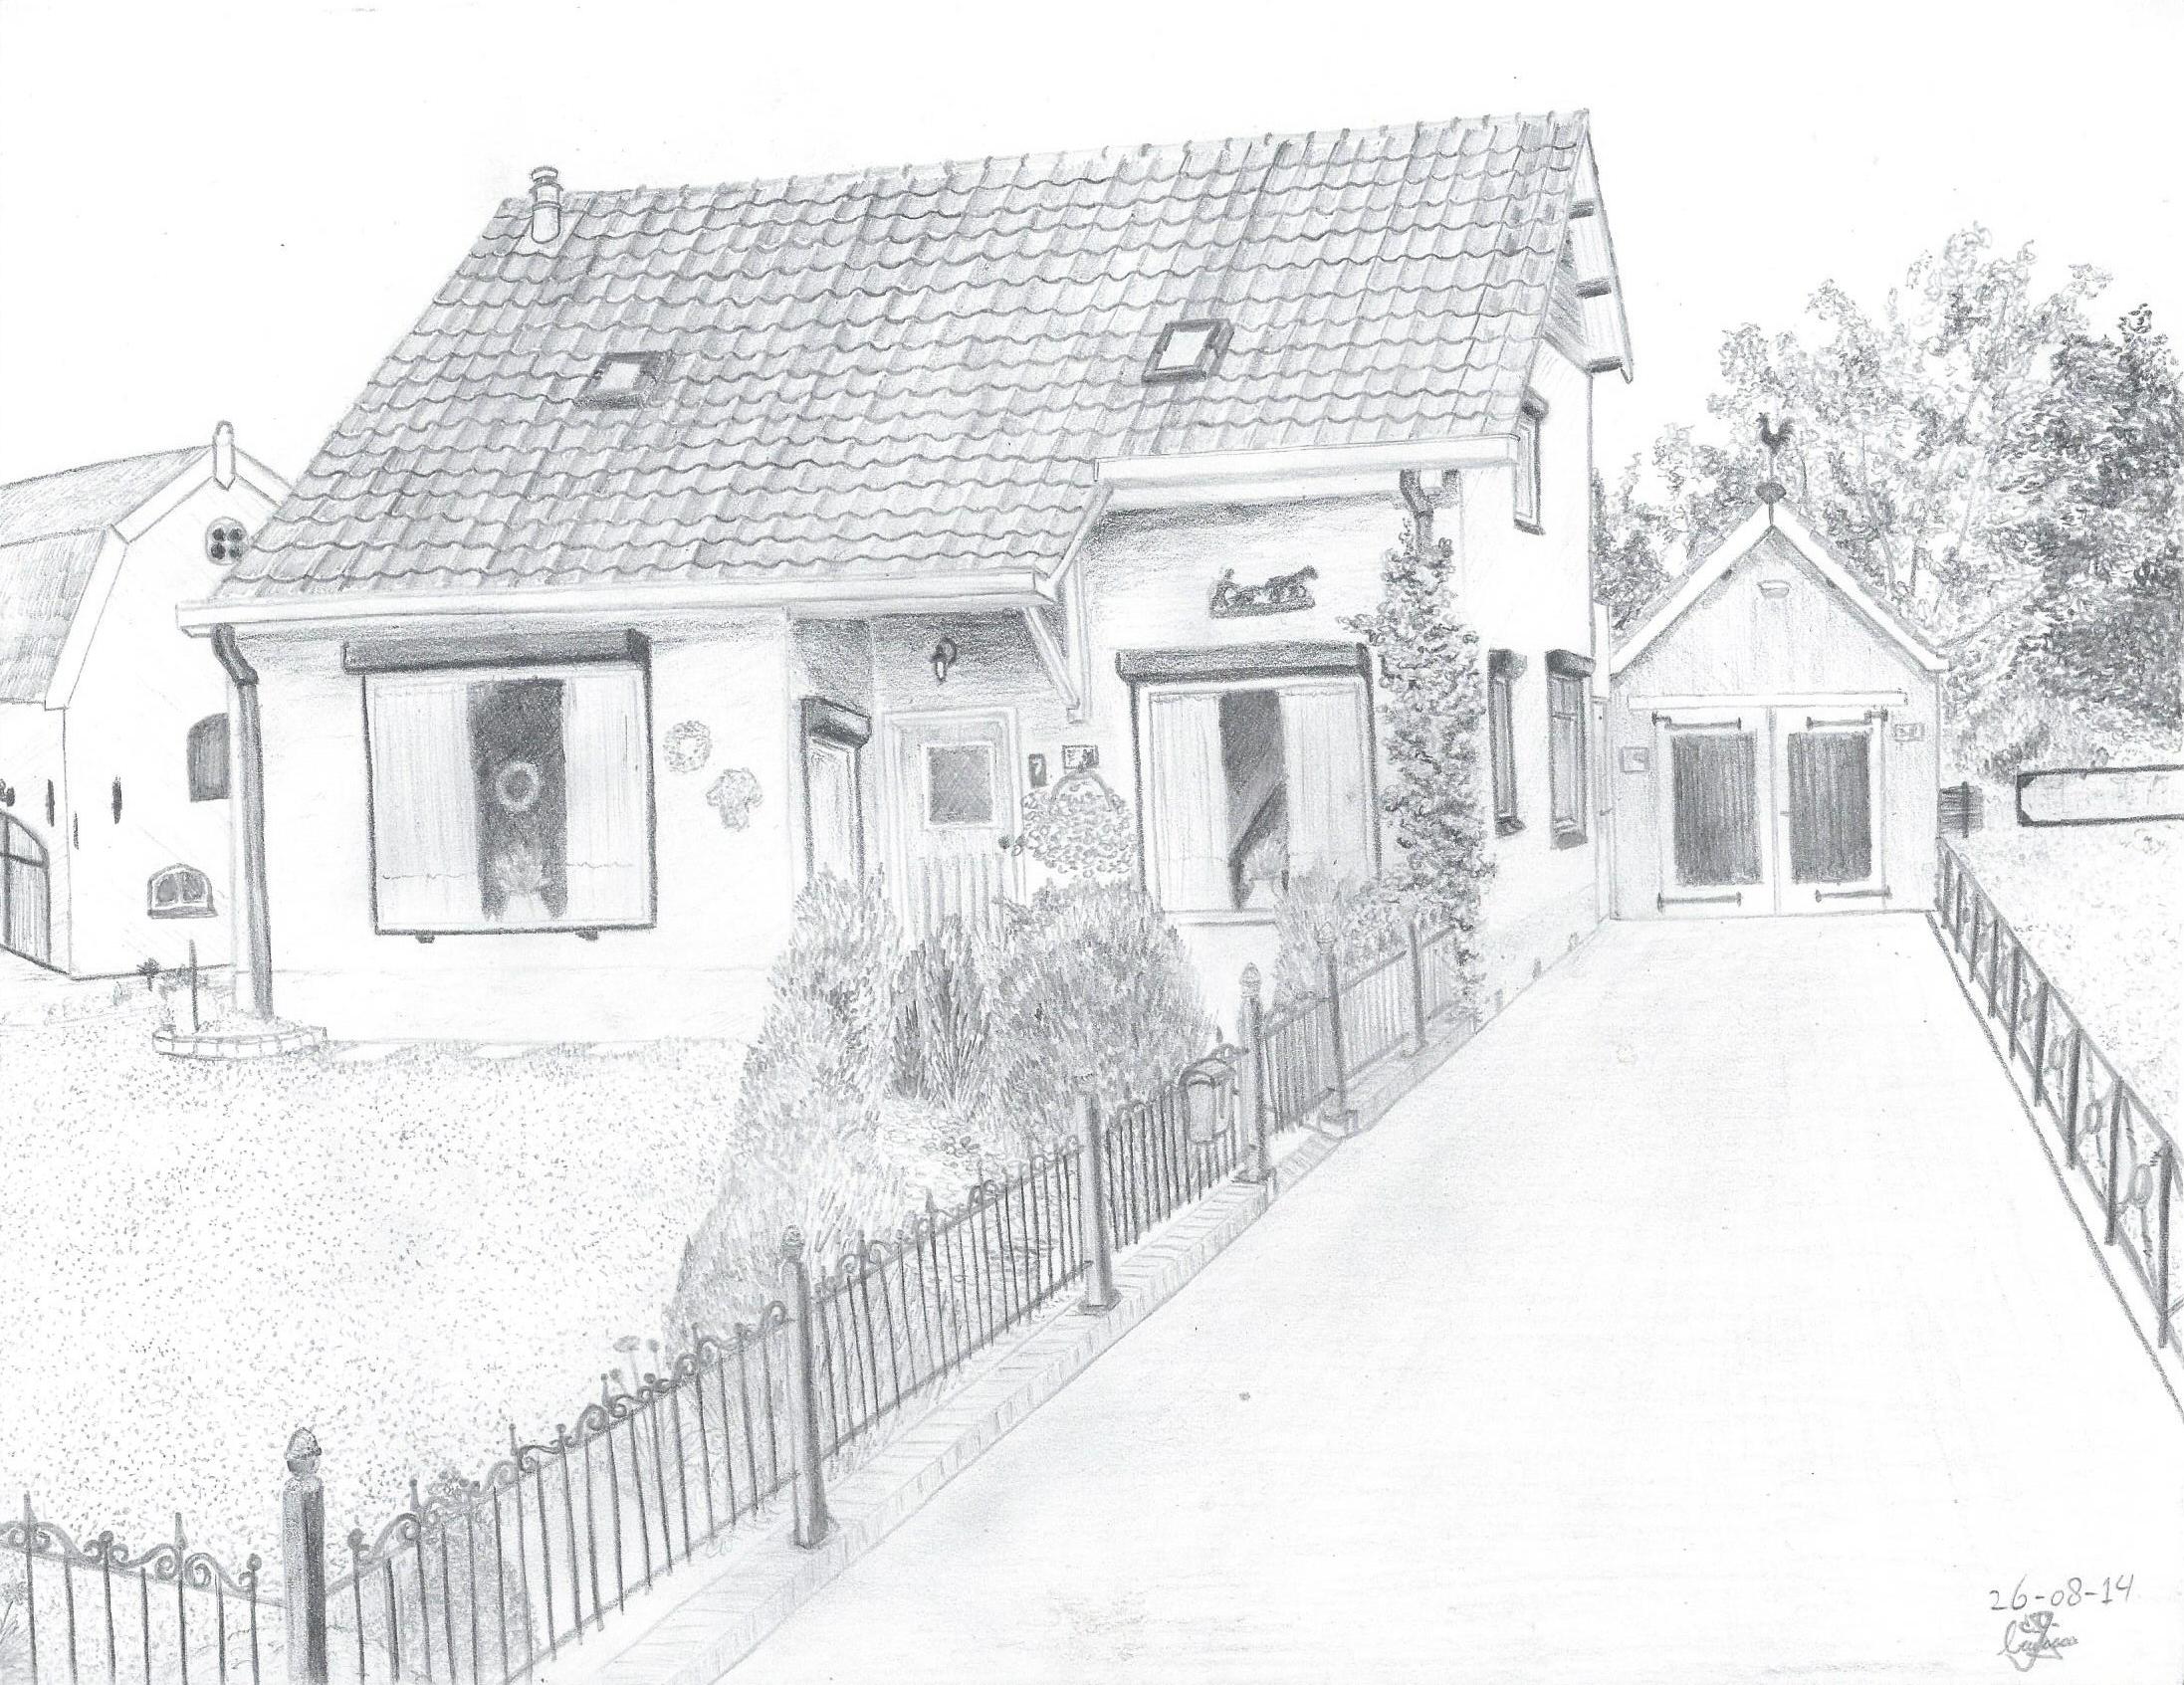 House (Ameide, Tiendweg nr. 7 The Netherlands) by bastiaandegoede